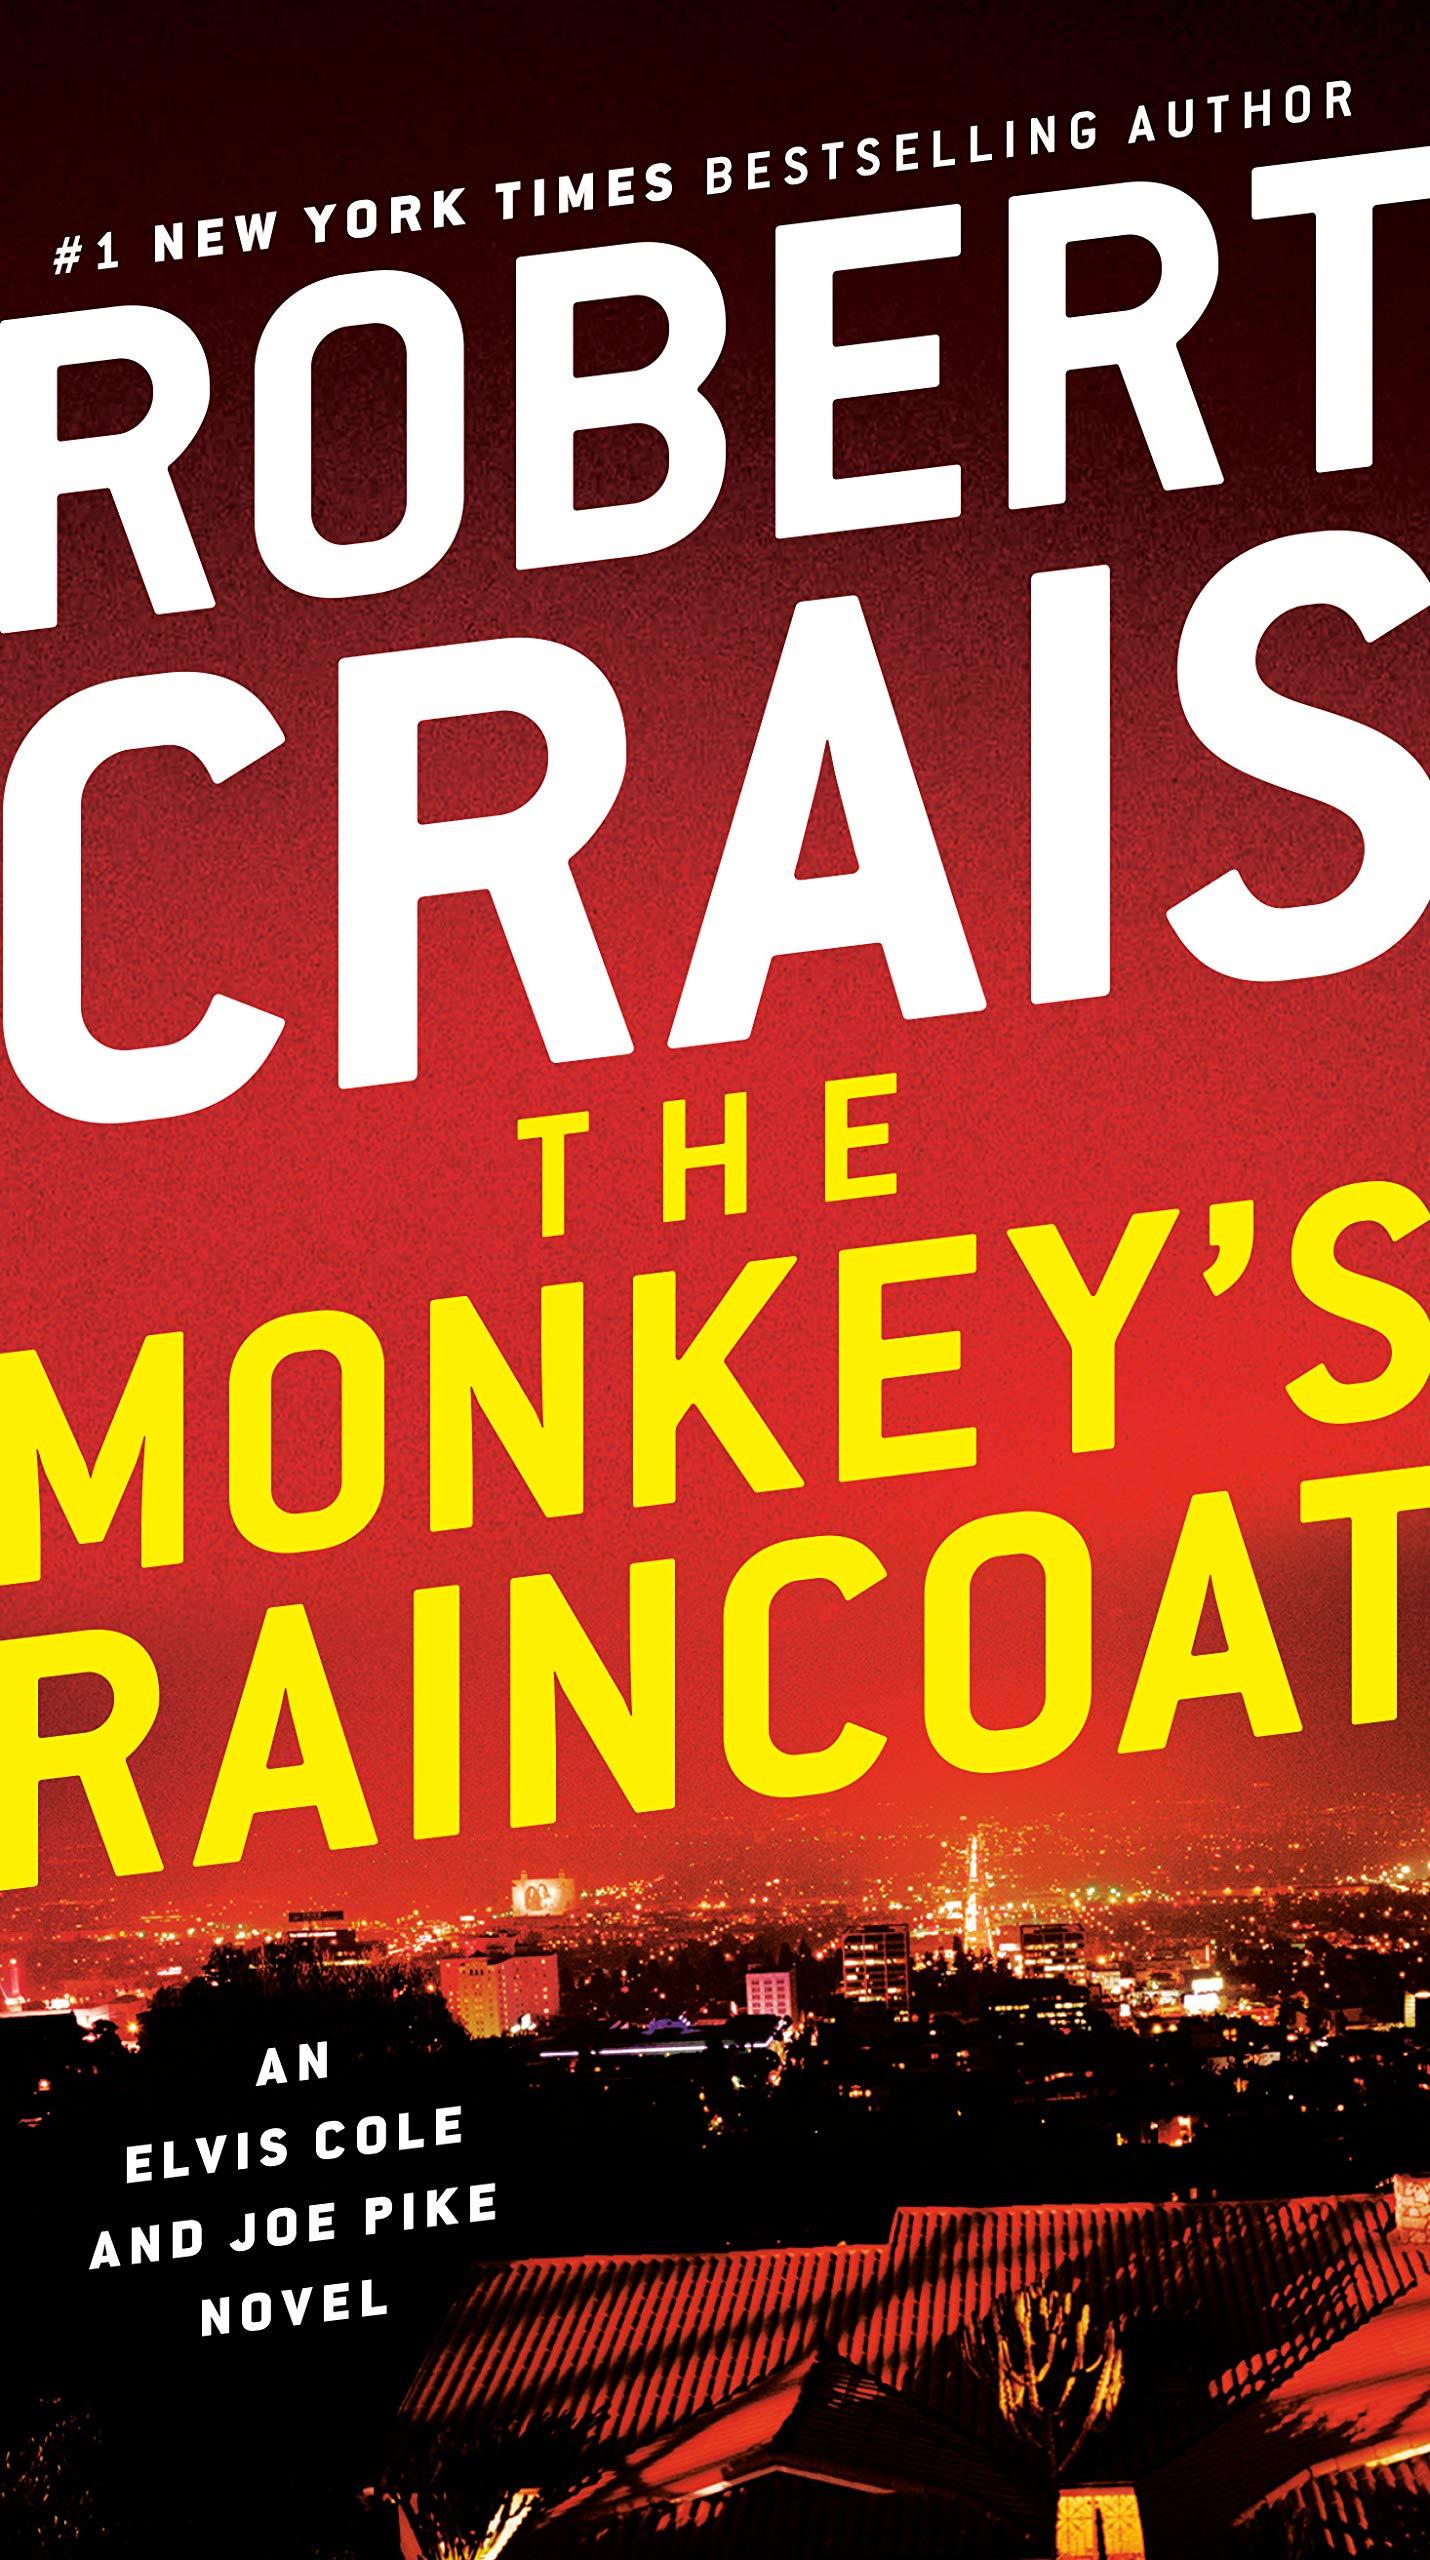 The Monkey's Raincoat: An Elvis Cole and Joe Pike Novel